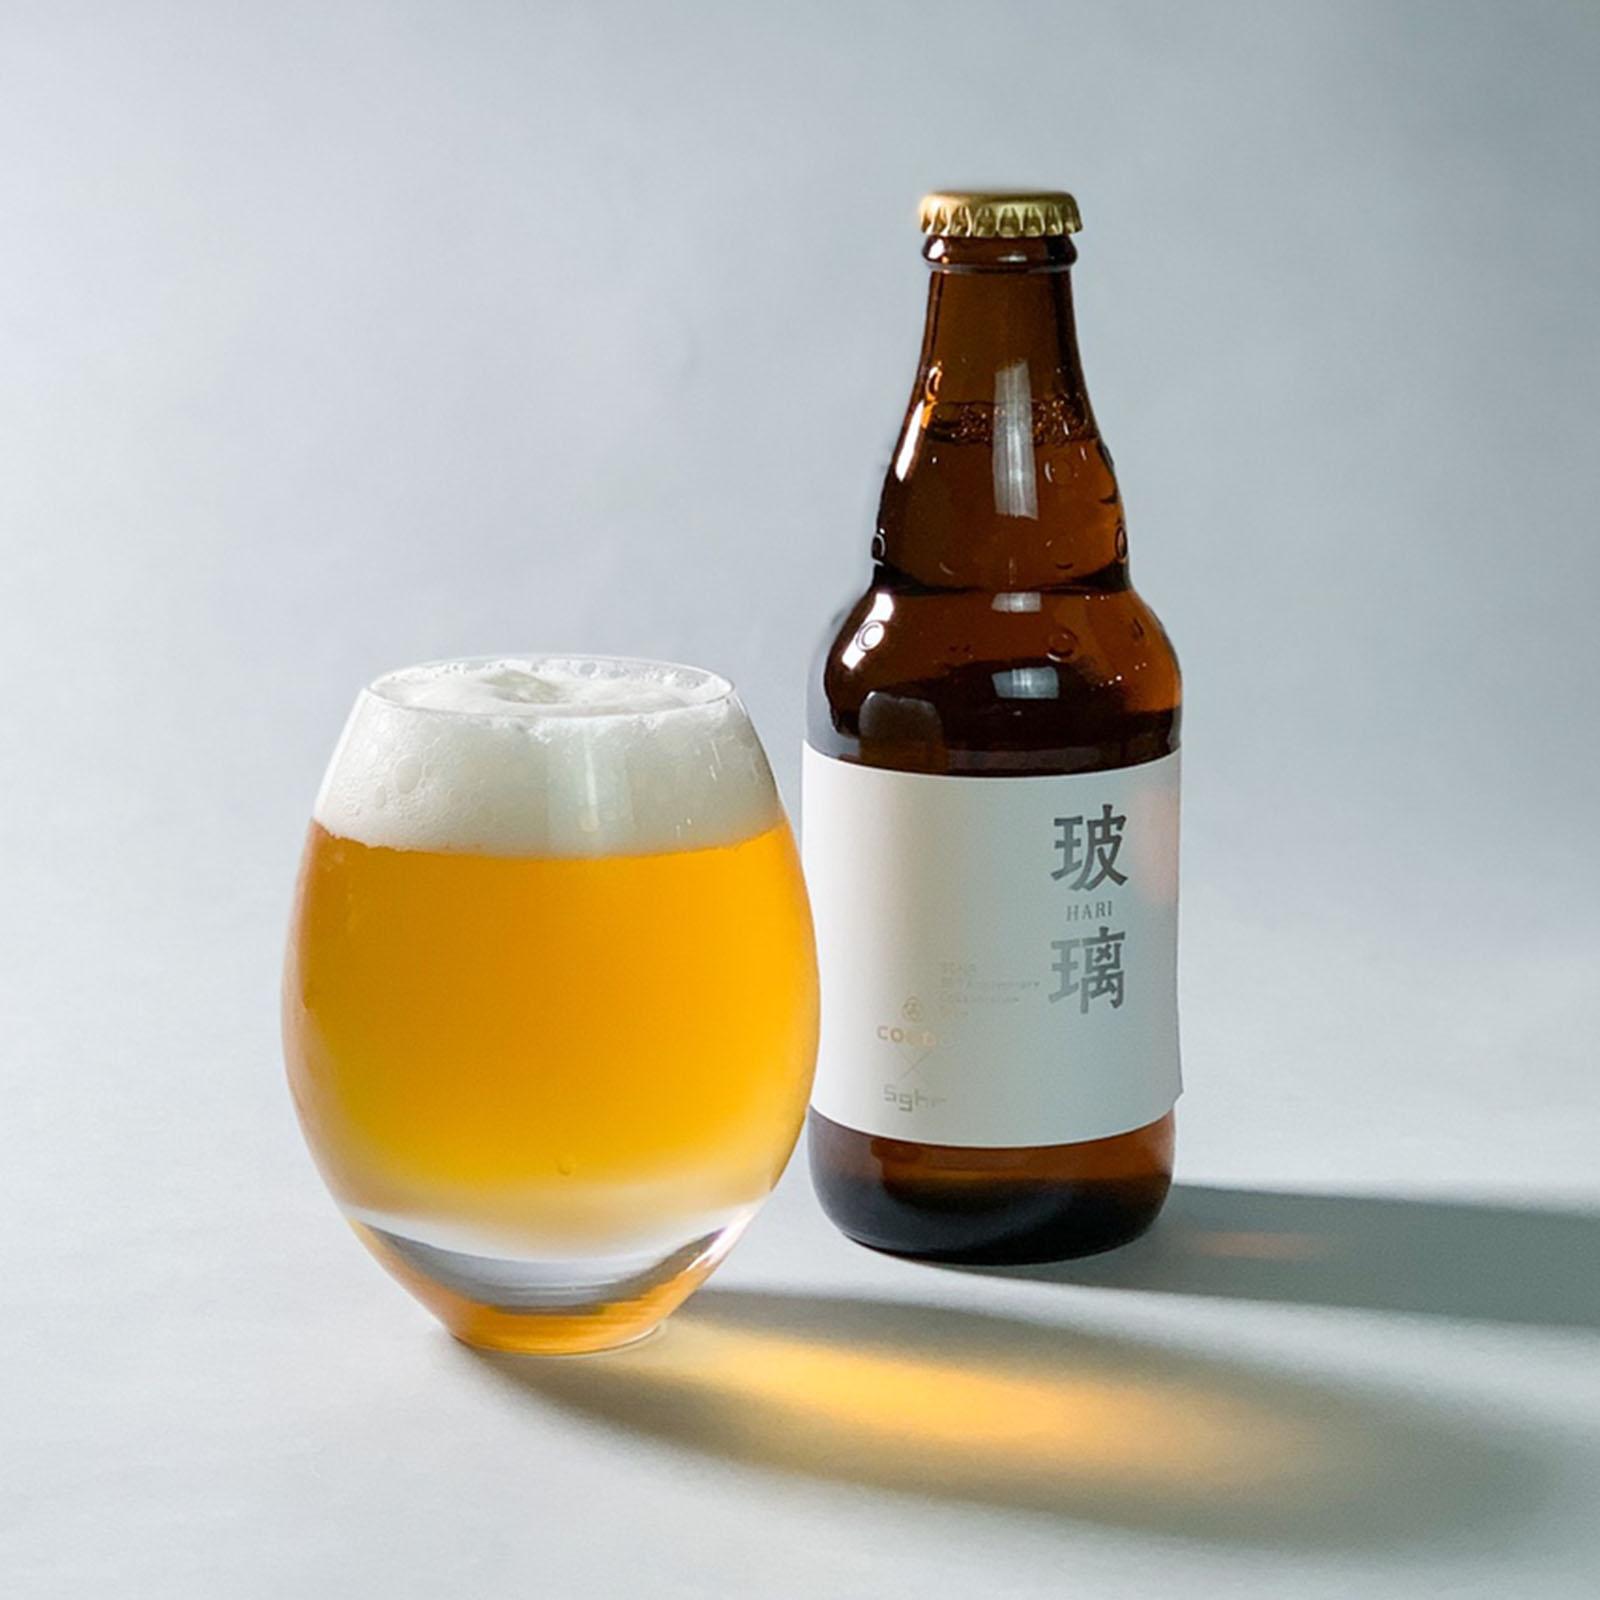 ザ・ビアー:玻璃ビール 2本+Sghr 88th Anniversary Ale Glass 1客 セット GIFT